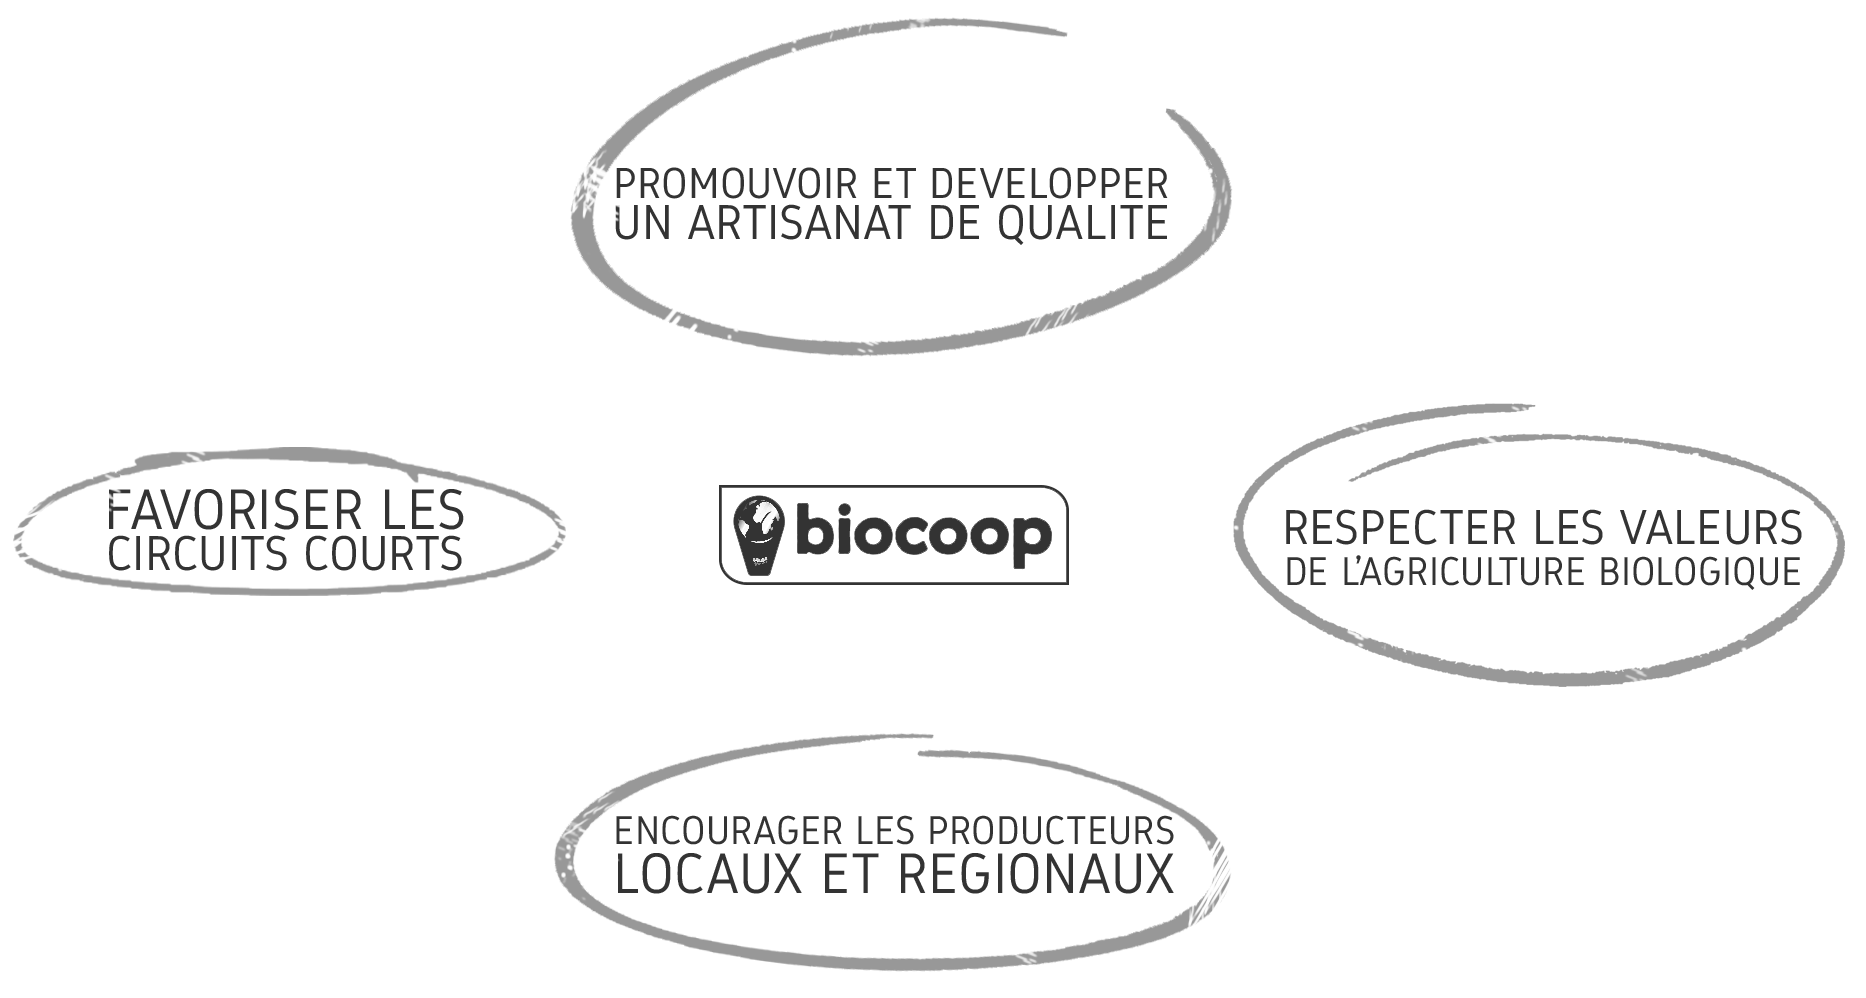 engagement-biocoop